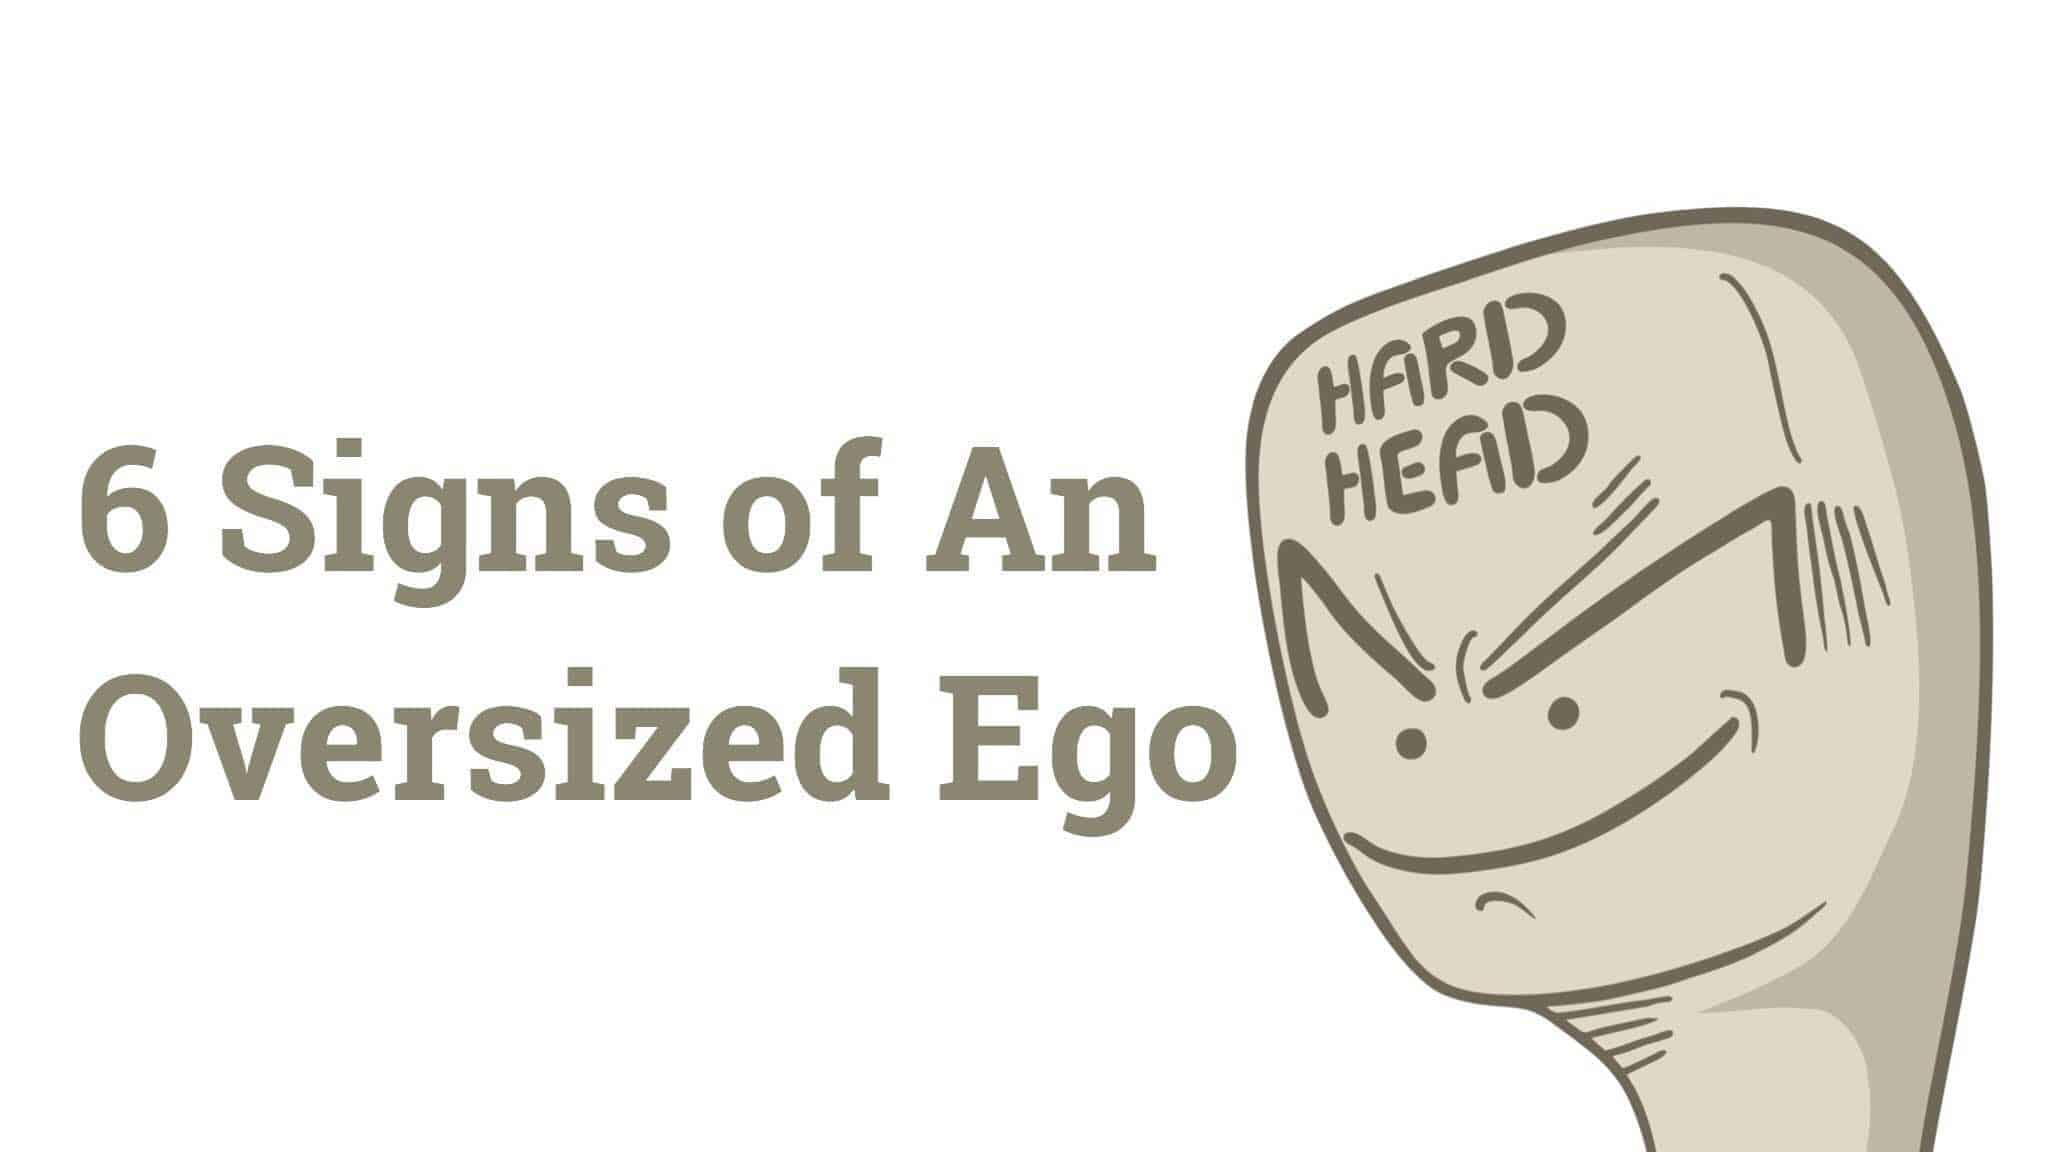 oversized ego